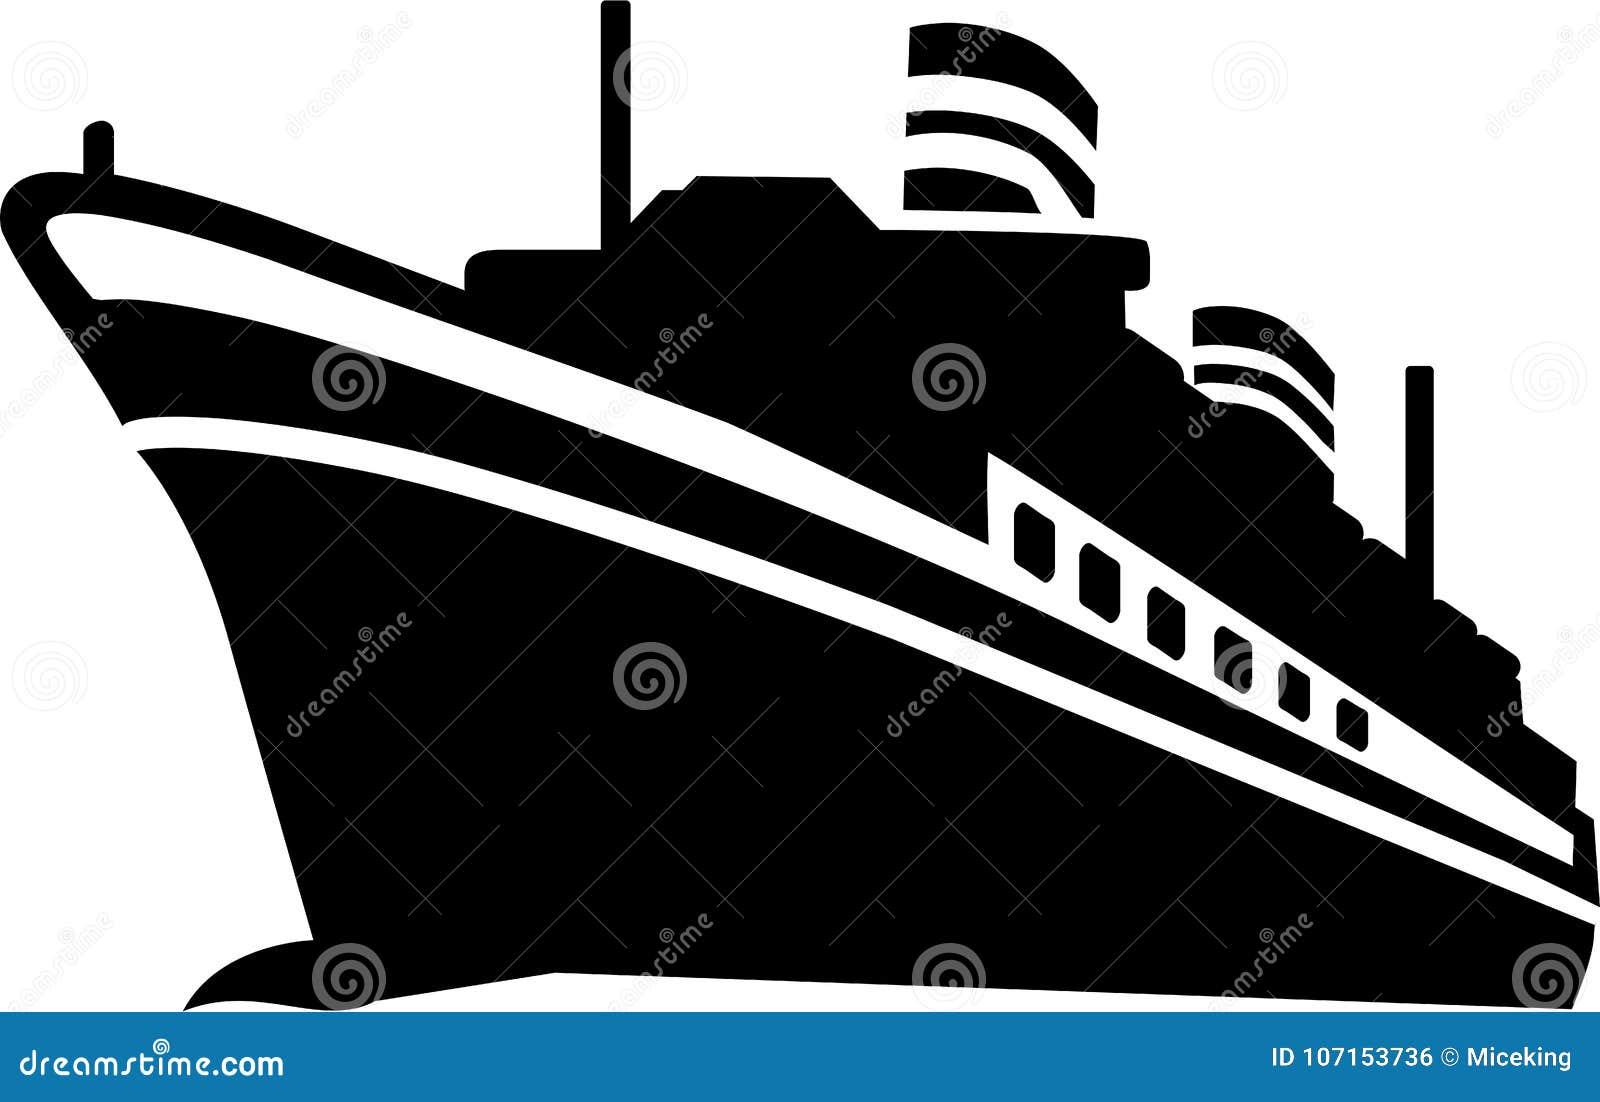 Vettore della nave da crociera